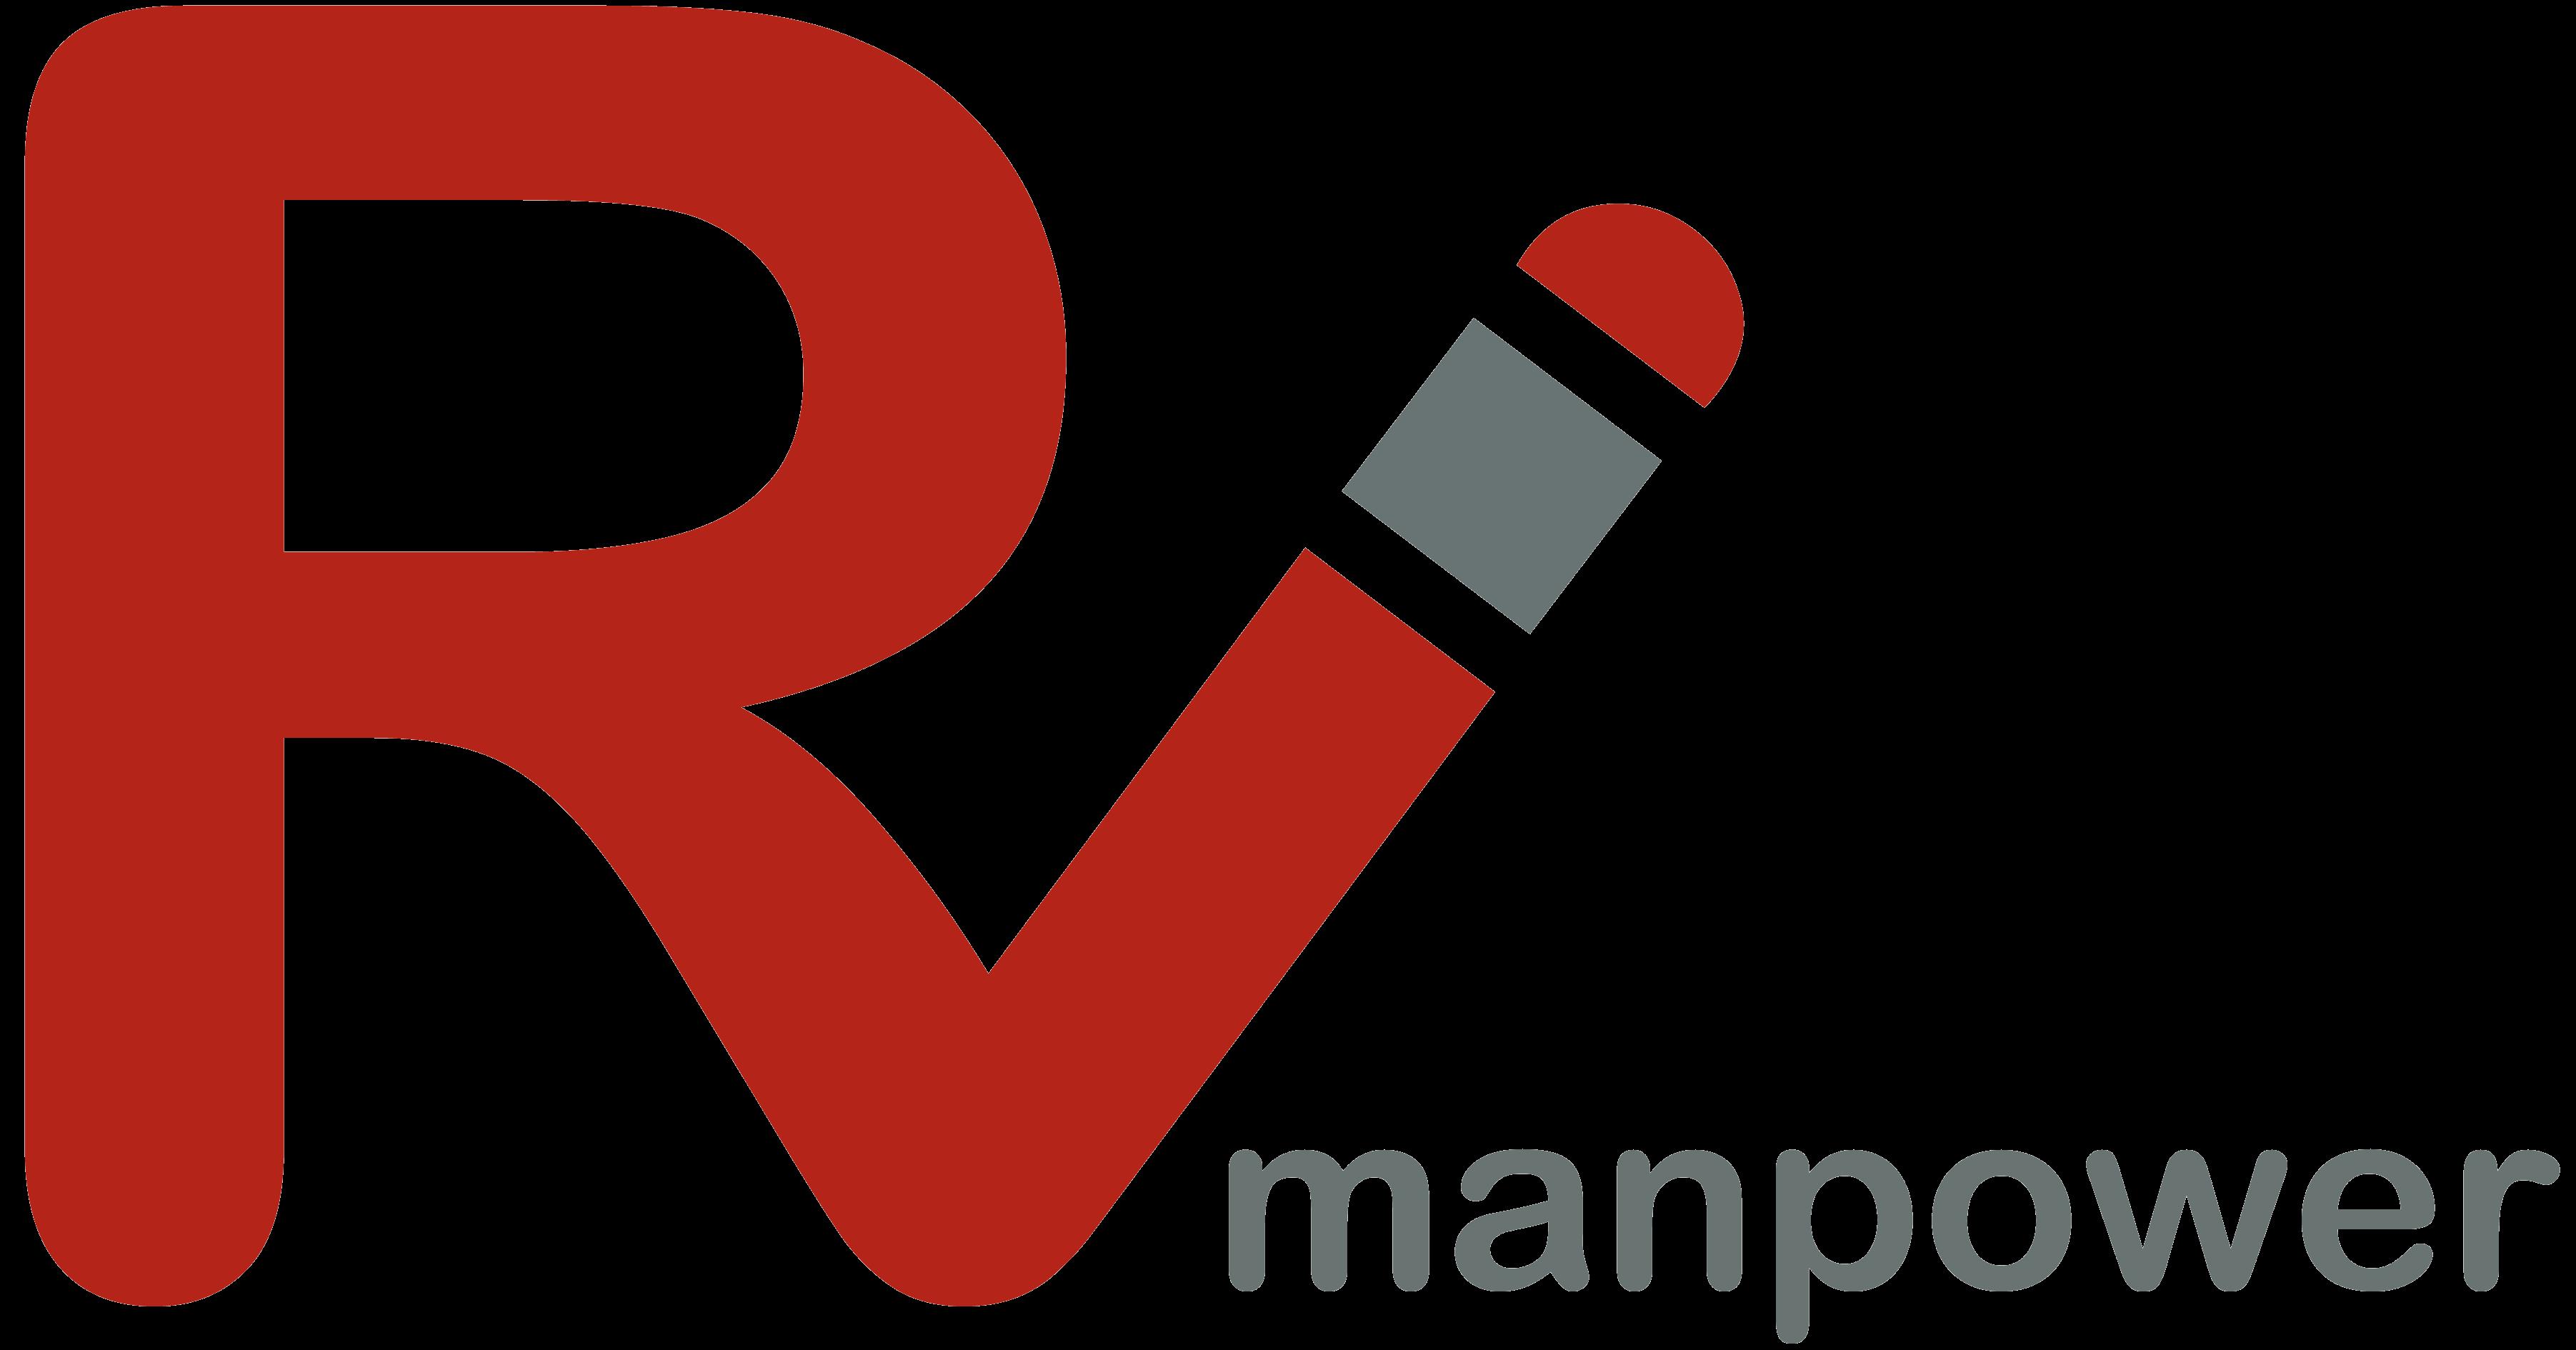 RV Manpower